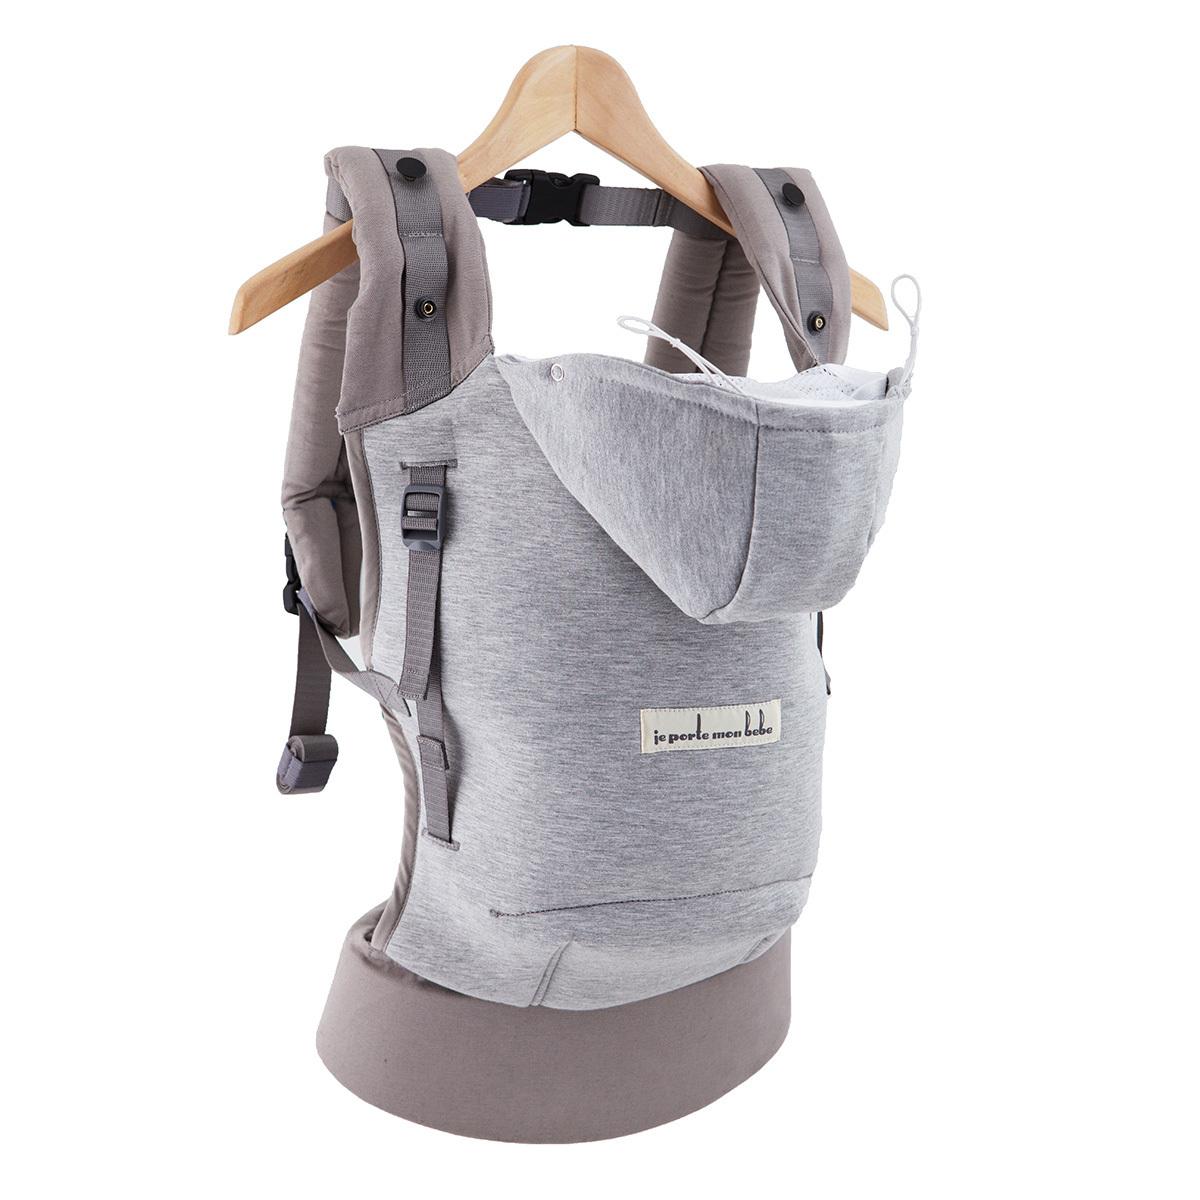 d89b4ccc8451 Porte bébé Hoodie Carrier et Booster Pack - Gris Athlétique Hoodie Carrier  et Booster Pack -